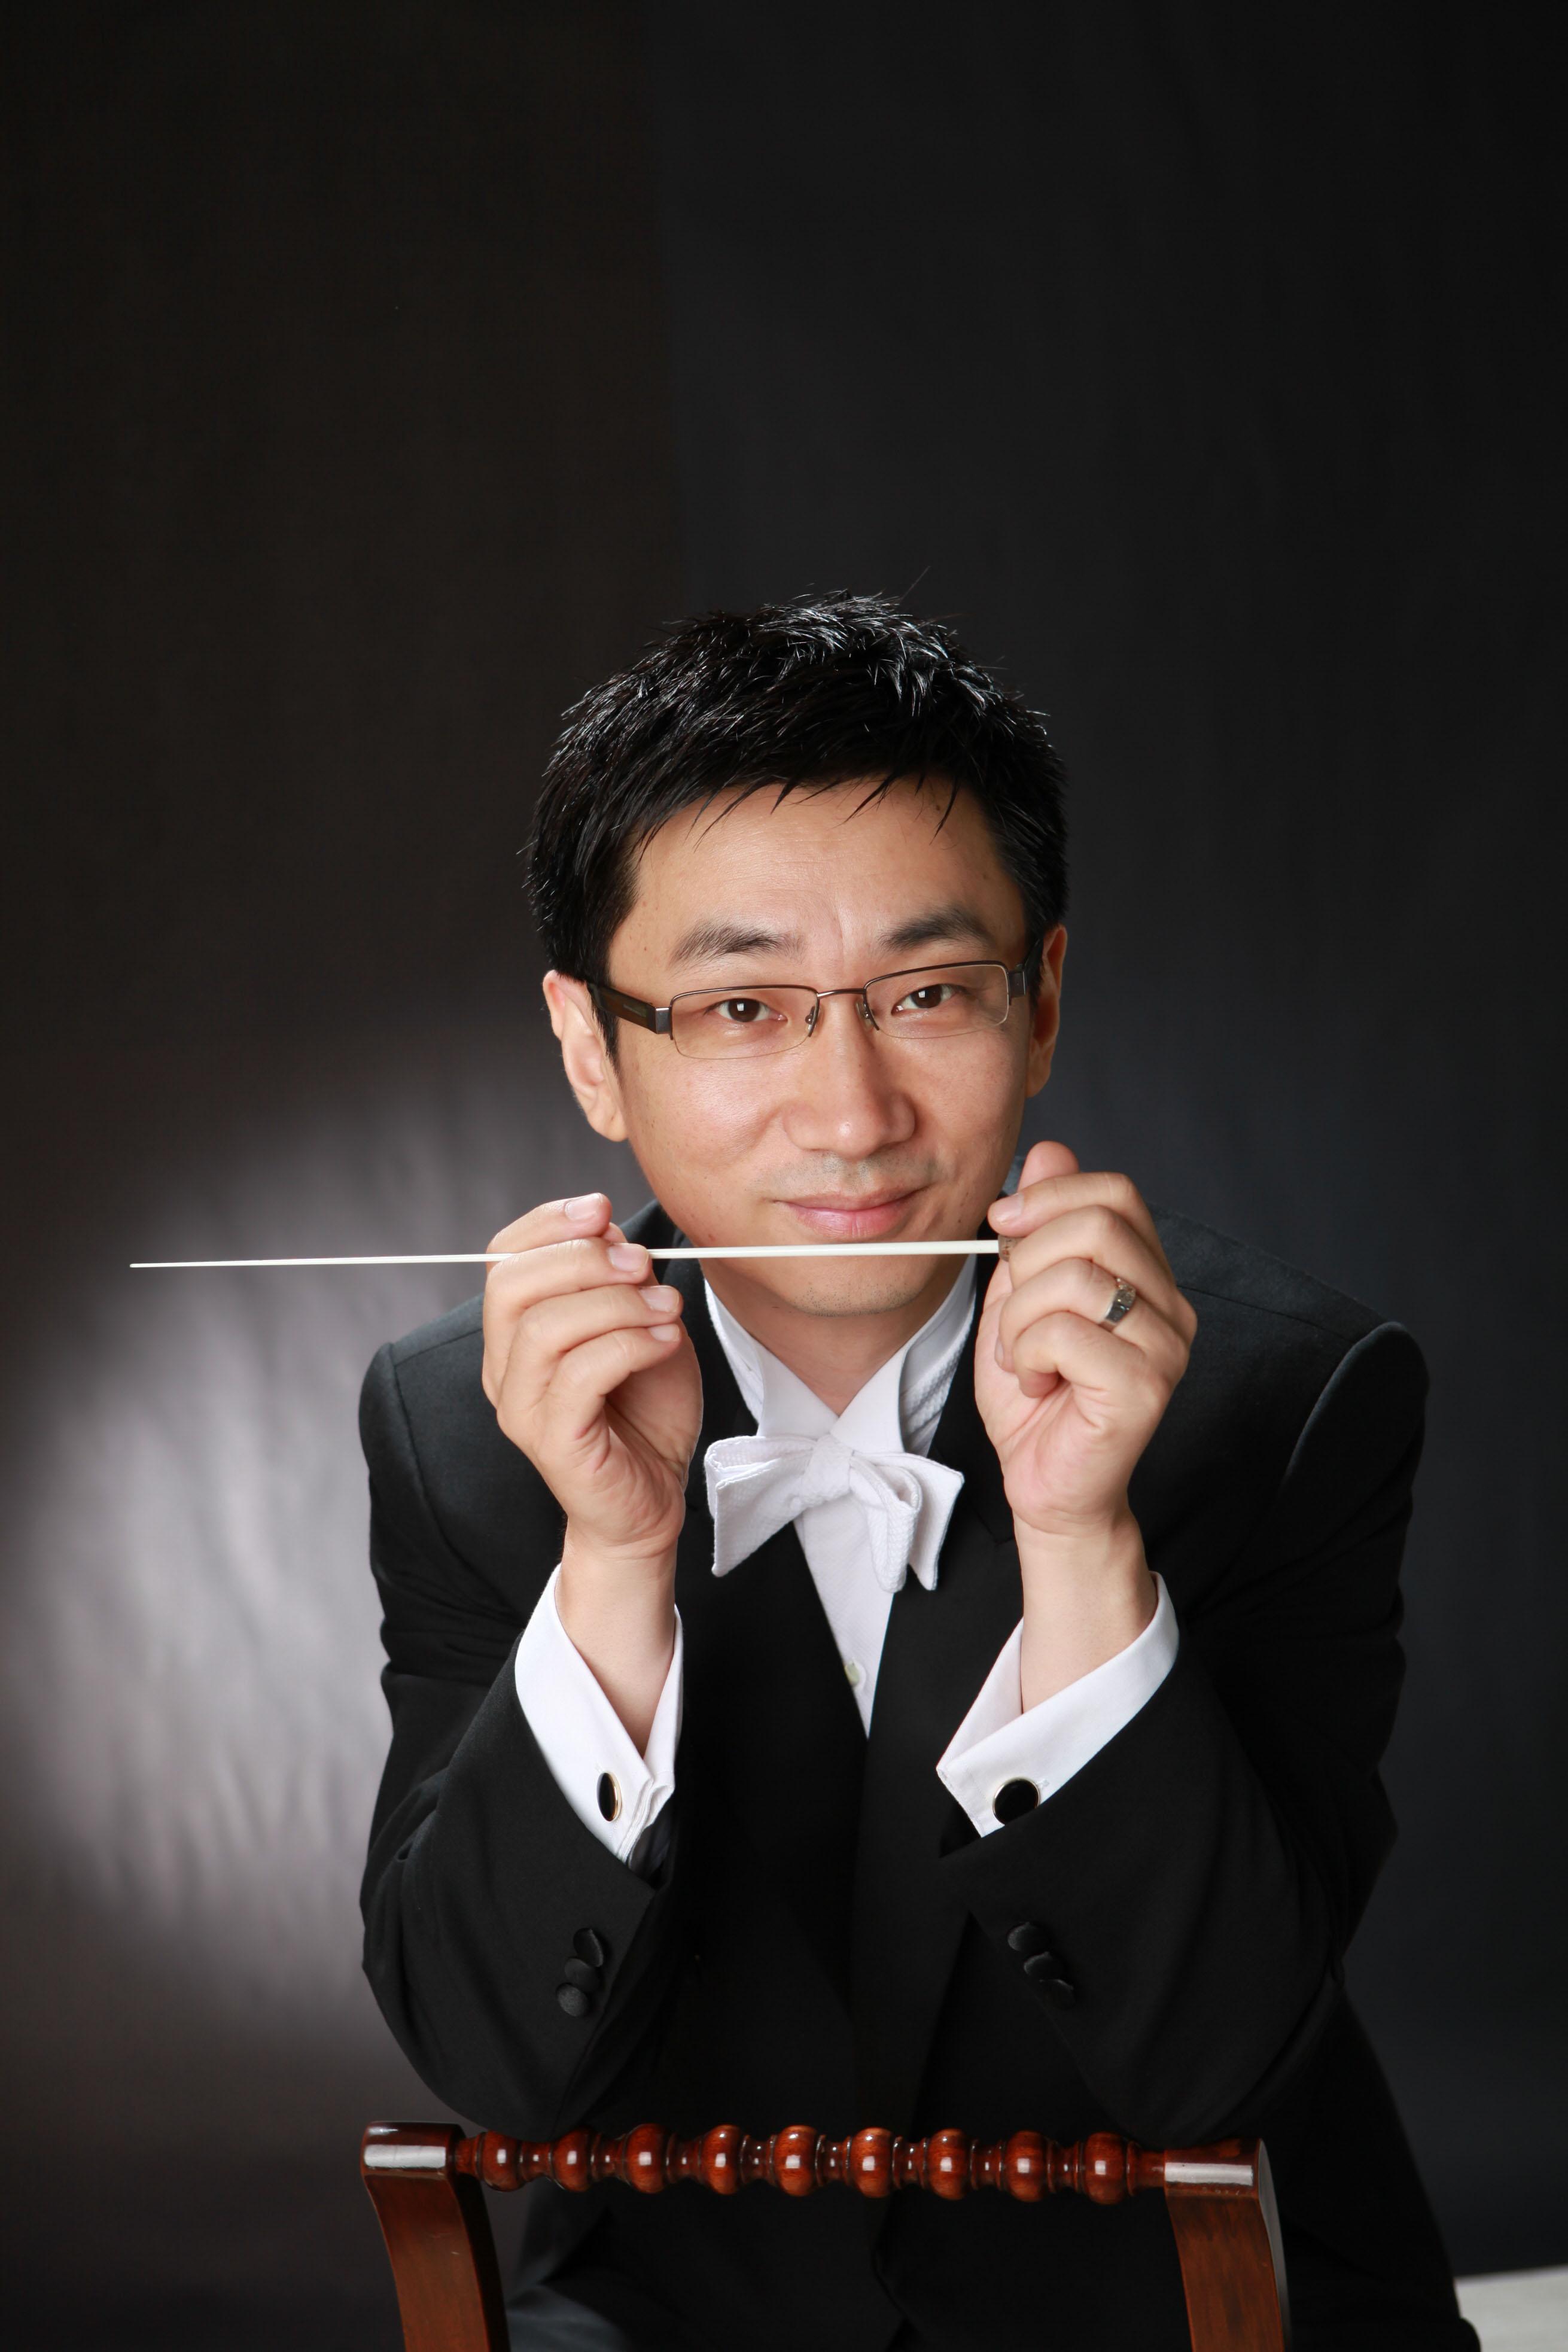 《王者荣耀》交响音乐会来了!中国交响乐团演绎,全国三城,年底巨献![视频][多图]图片3